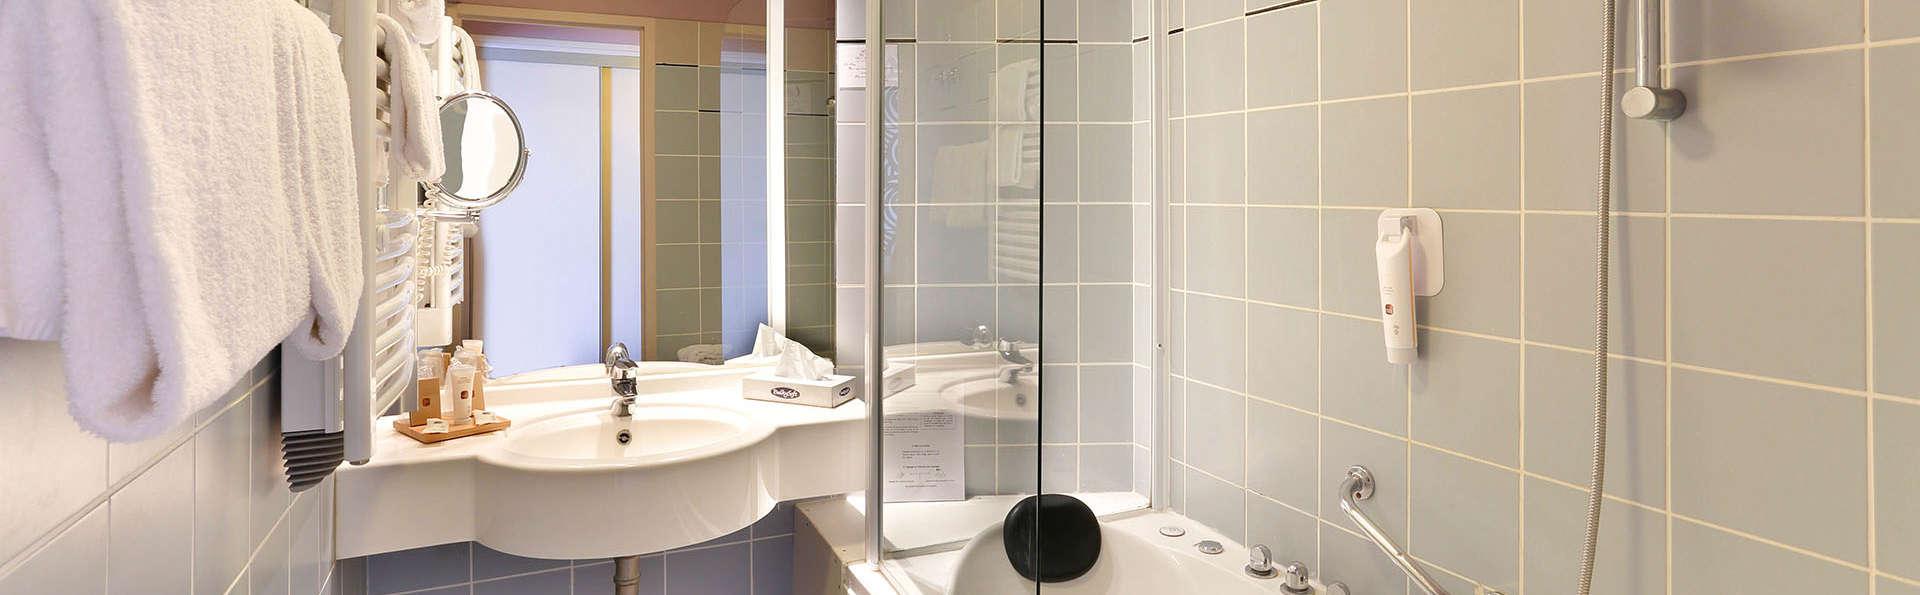 Hôtel du Golf de l'Ailette, The Originals Relais (Qualys-Hotel) - EDIT_BATHROOM_01.jpg